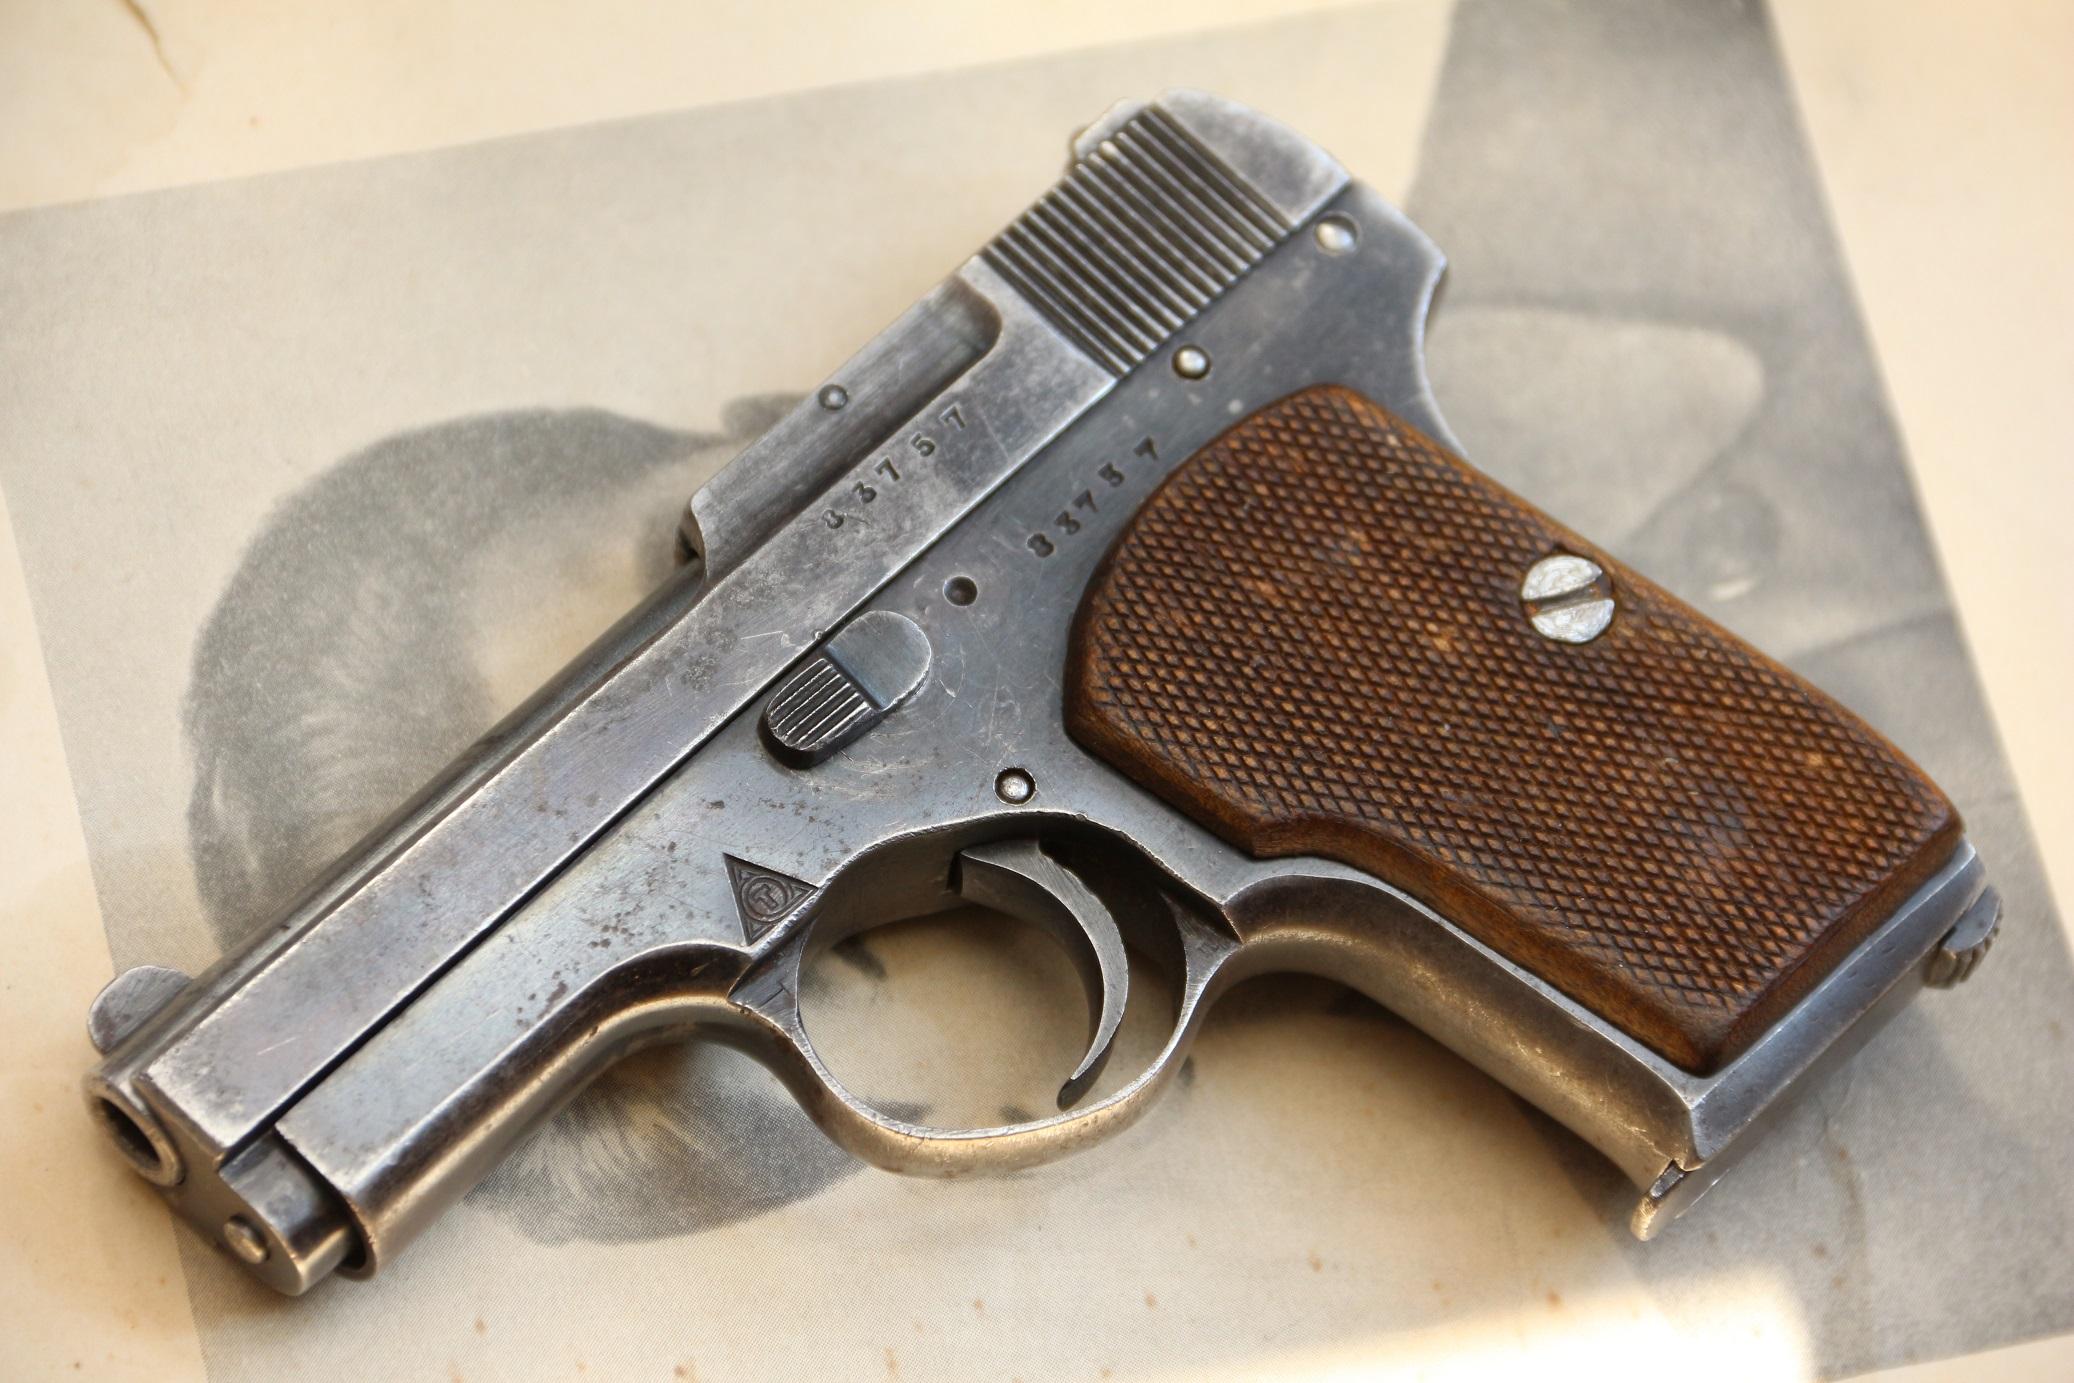 Фото Пистолет Тульский Коровин ТК №83757, ранний, образца 1926 года